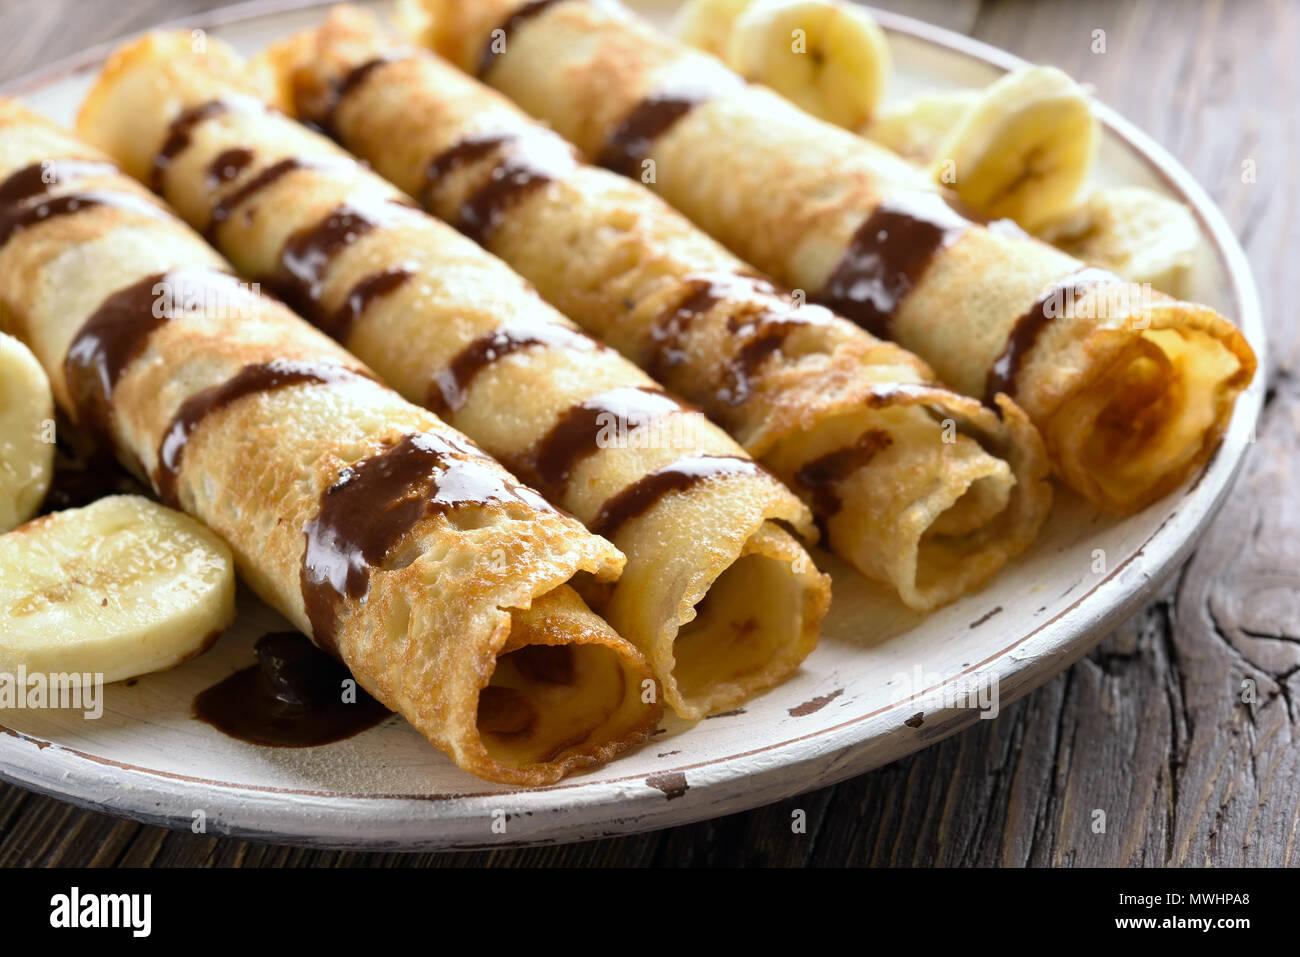 Cerca de sabroso crepe Rodillo con rodajas de plátano sobre la mesa de madera. Los pancakes, crepes con salsa de chocolate. Profundidad de campo Imagen De Stock